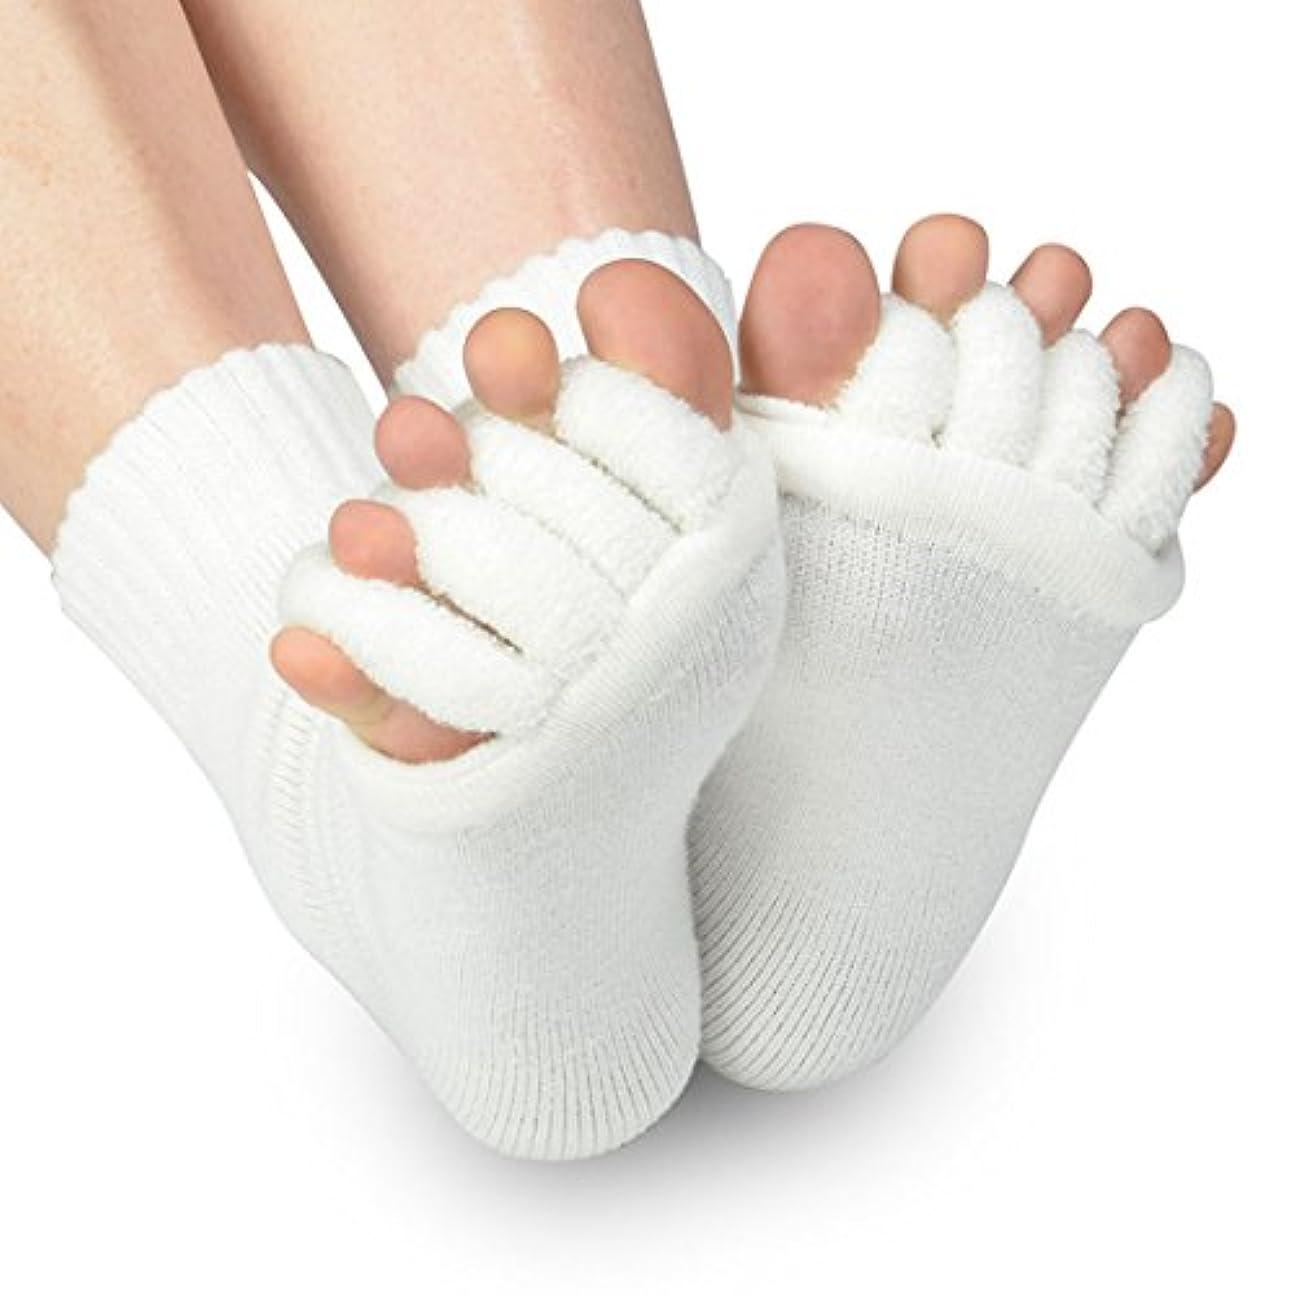 綺麗な芽閉塞B-PING 靴下 足指開き綿混5本指ハーフソックス 血行不良からくる足のむくみを即解消 足指開き 足指全開 男女兼用 履くだけで癒される 偏平足 対策 むくみ解消